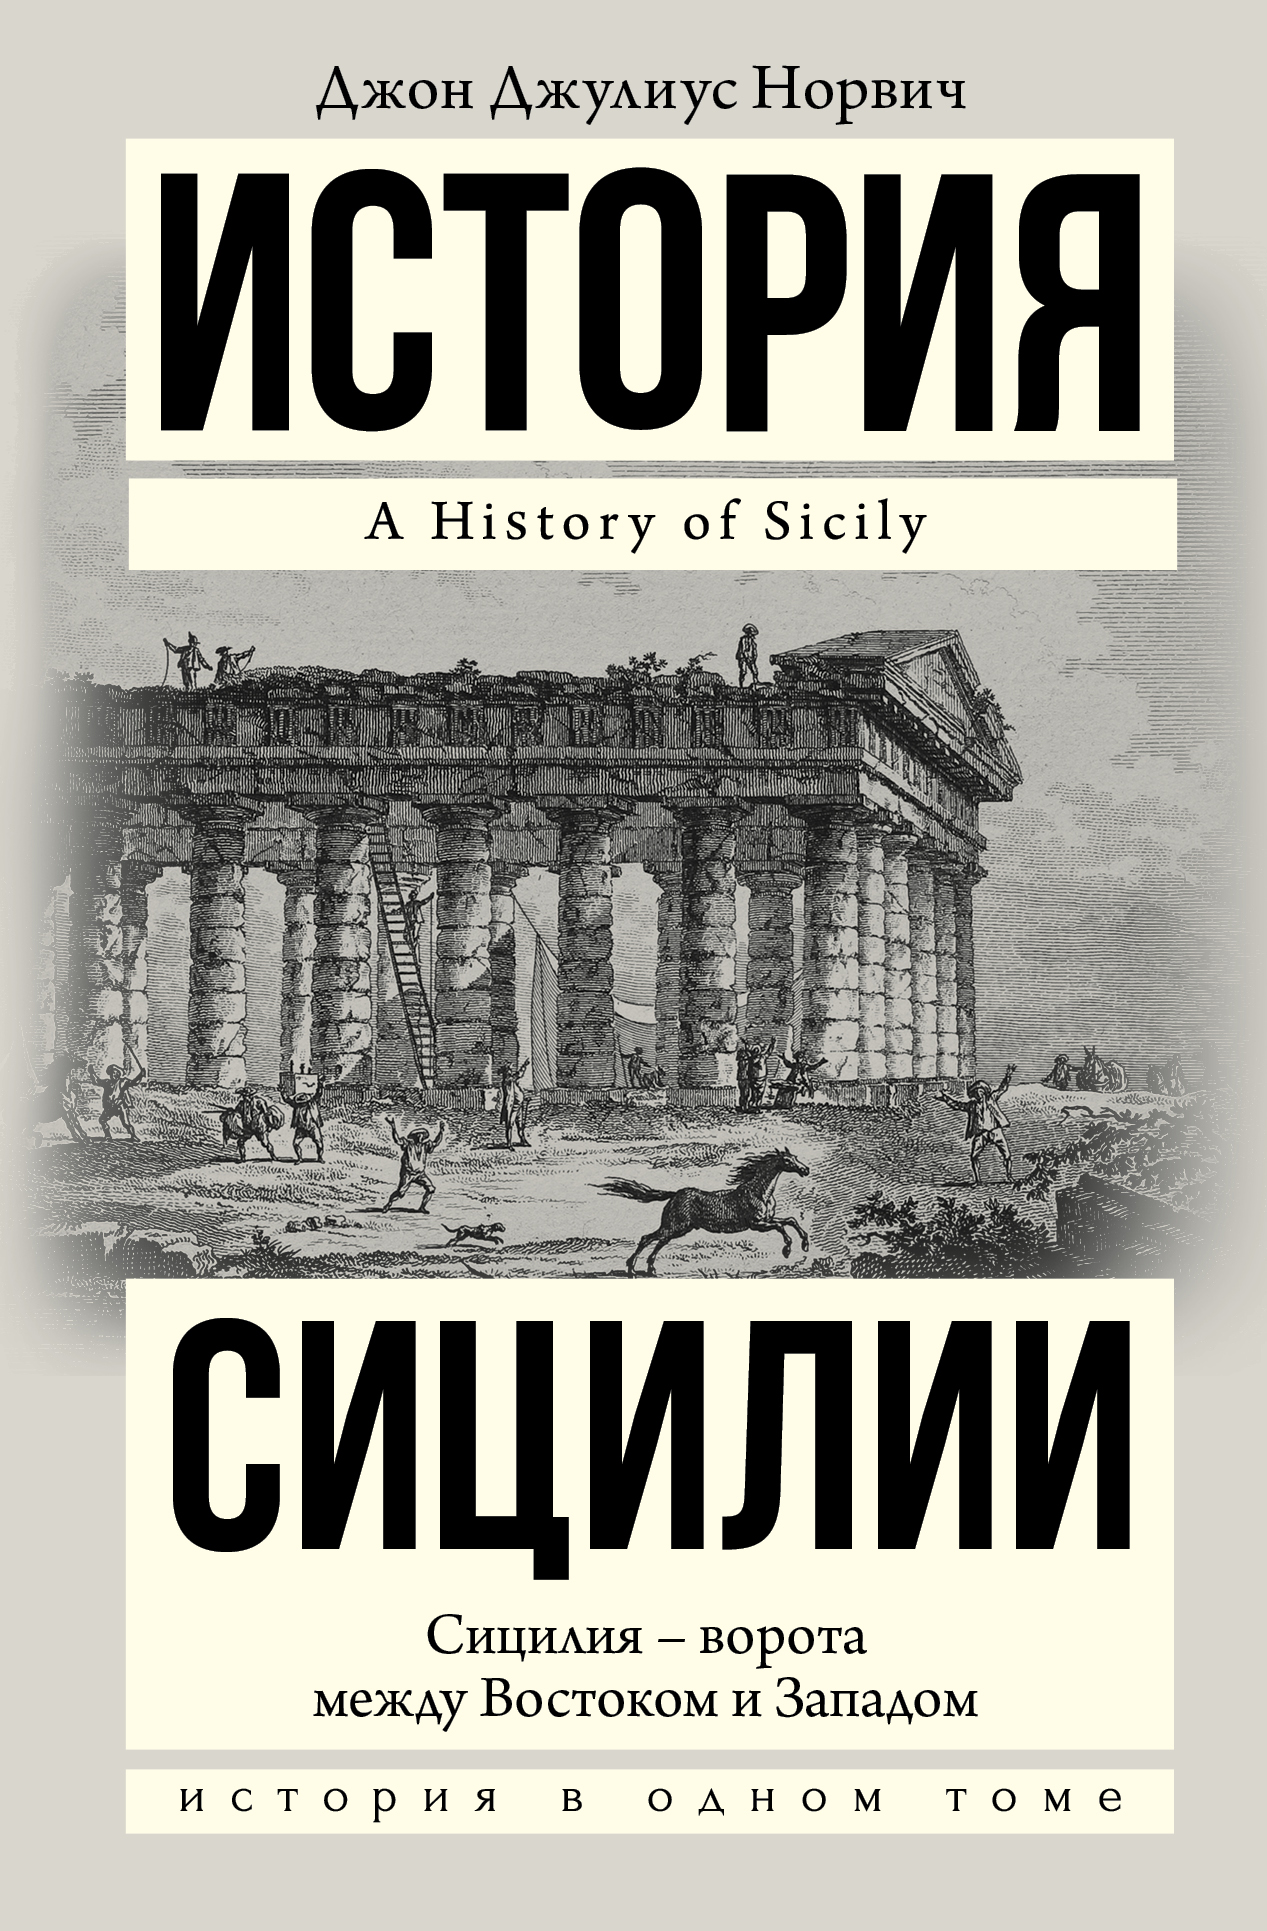 купить Джон Норвич История Сицилии по цене 384 рублей